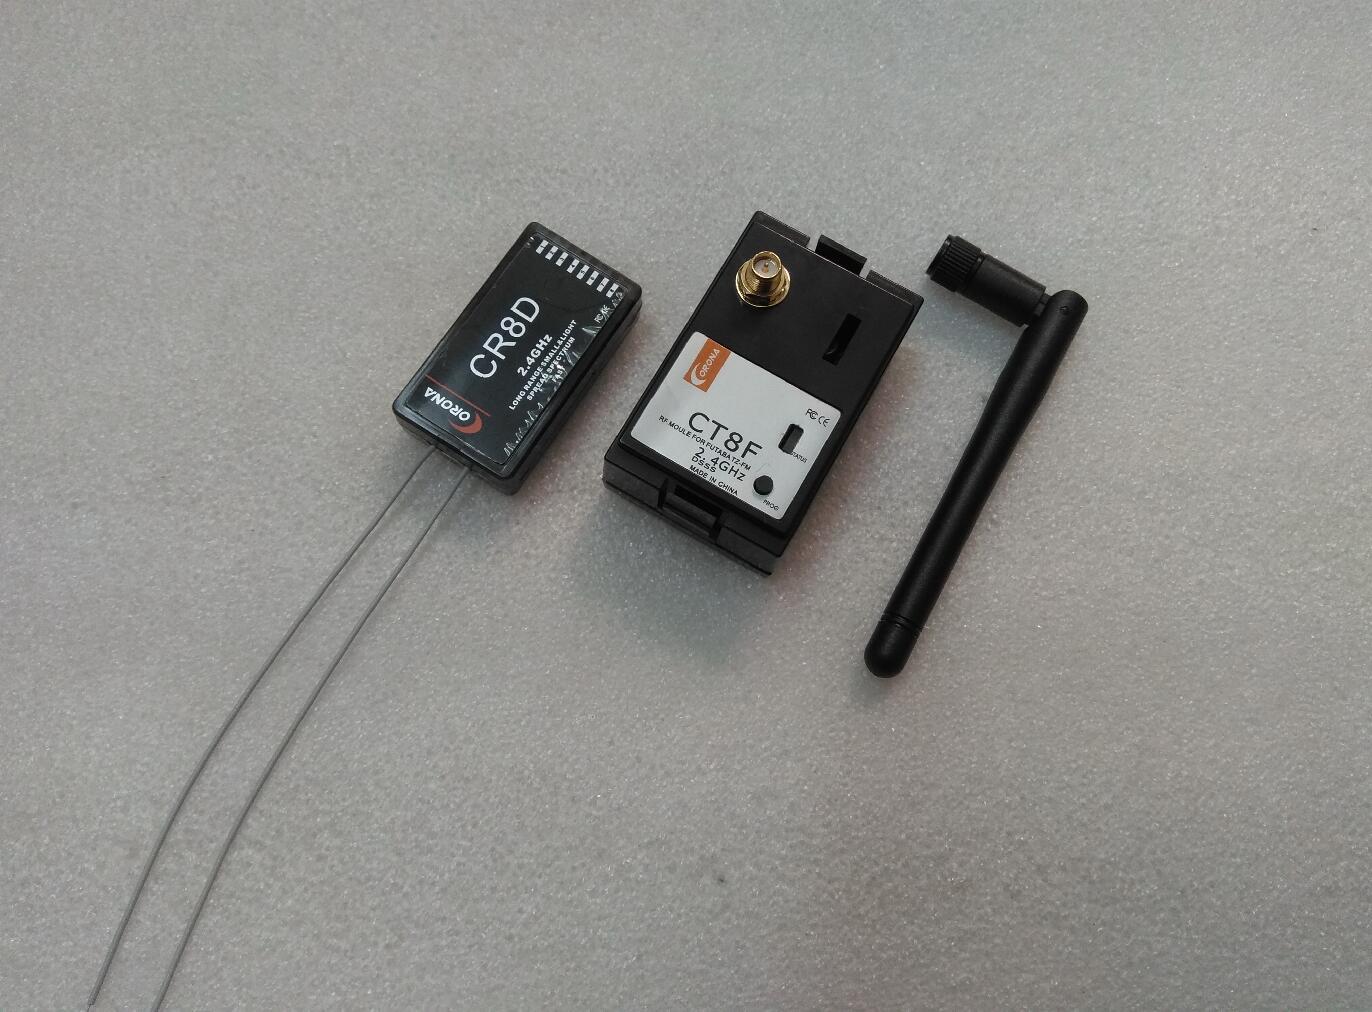 코로나 2.4 ghz 모듈 + 수신기 후타바 히텍 송신기 wfly 용 8ch lnb dsss-에서부품 & 액세서리부터 완구 & 취미 의  그룹 1